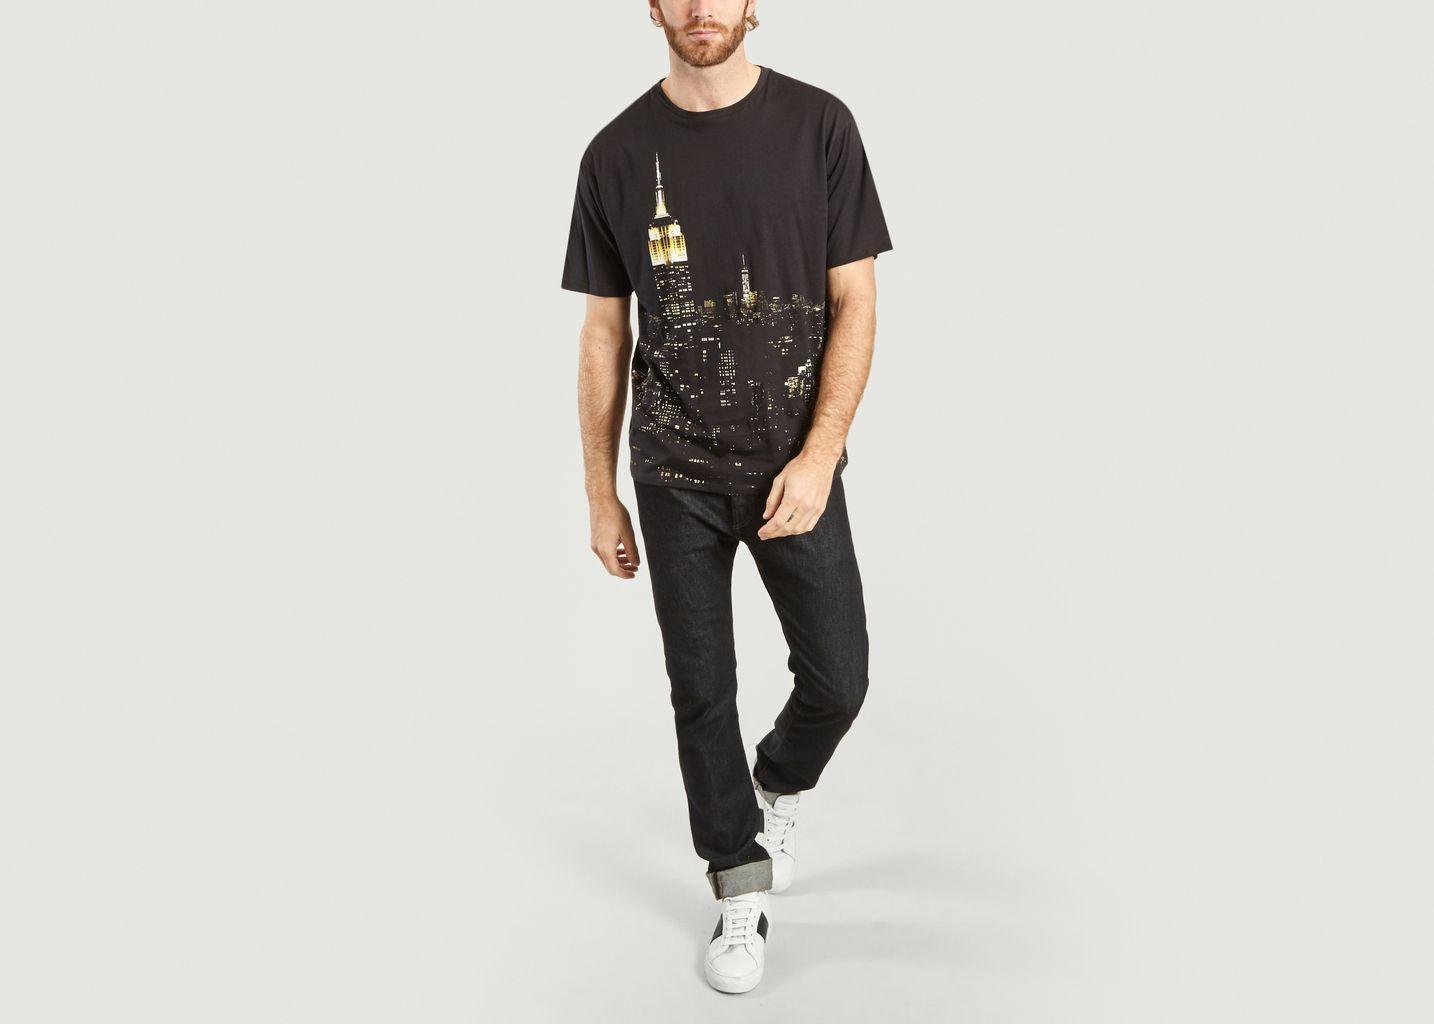 T-Shirt Imprimé Empire - M.X Maxime Simoëns